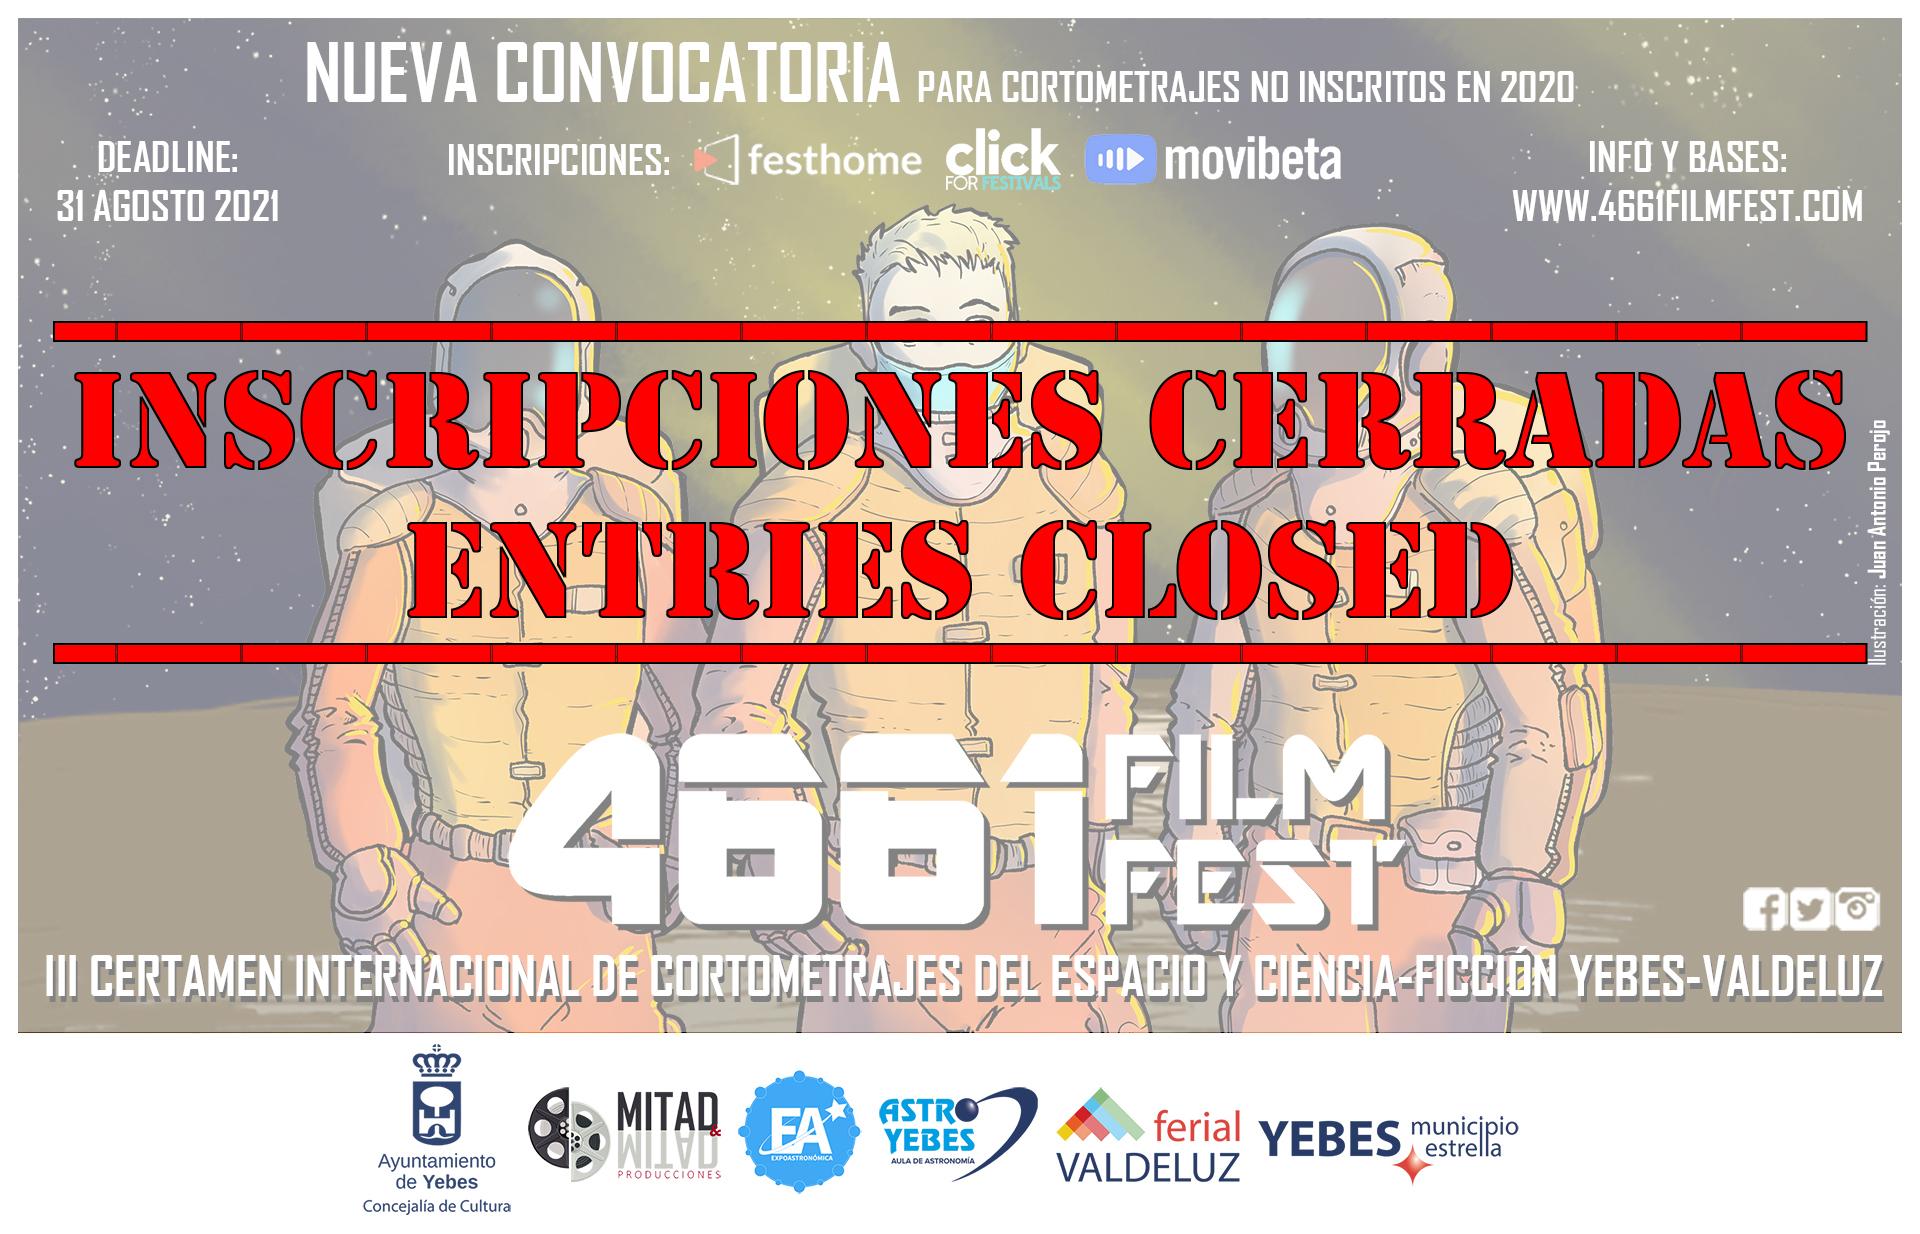 Cartel H 4661 2022 NUEVA CONVO CERRADA